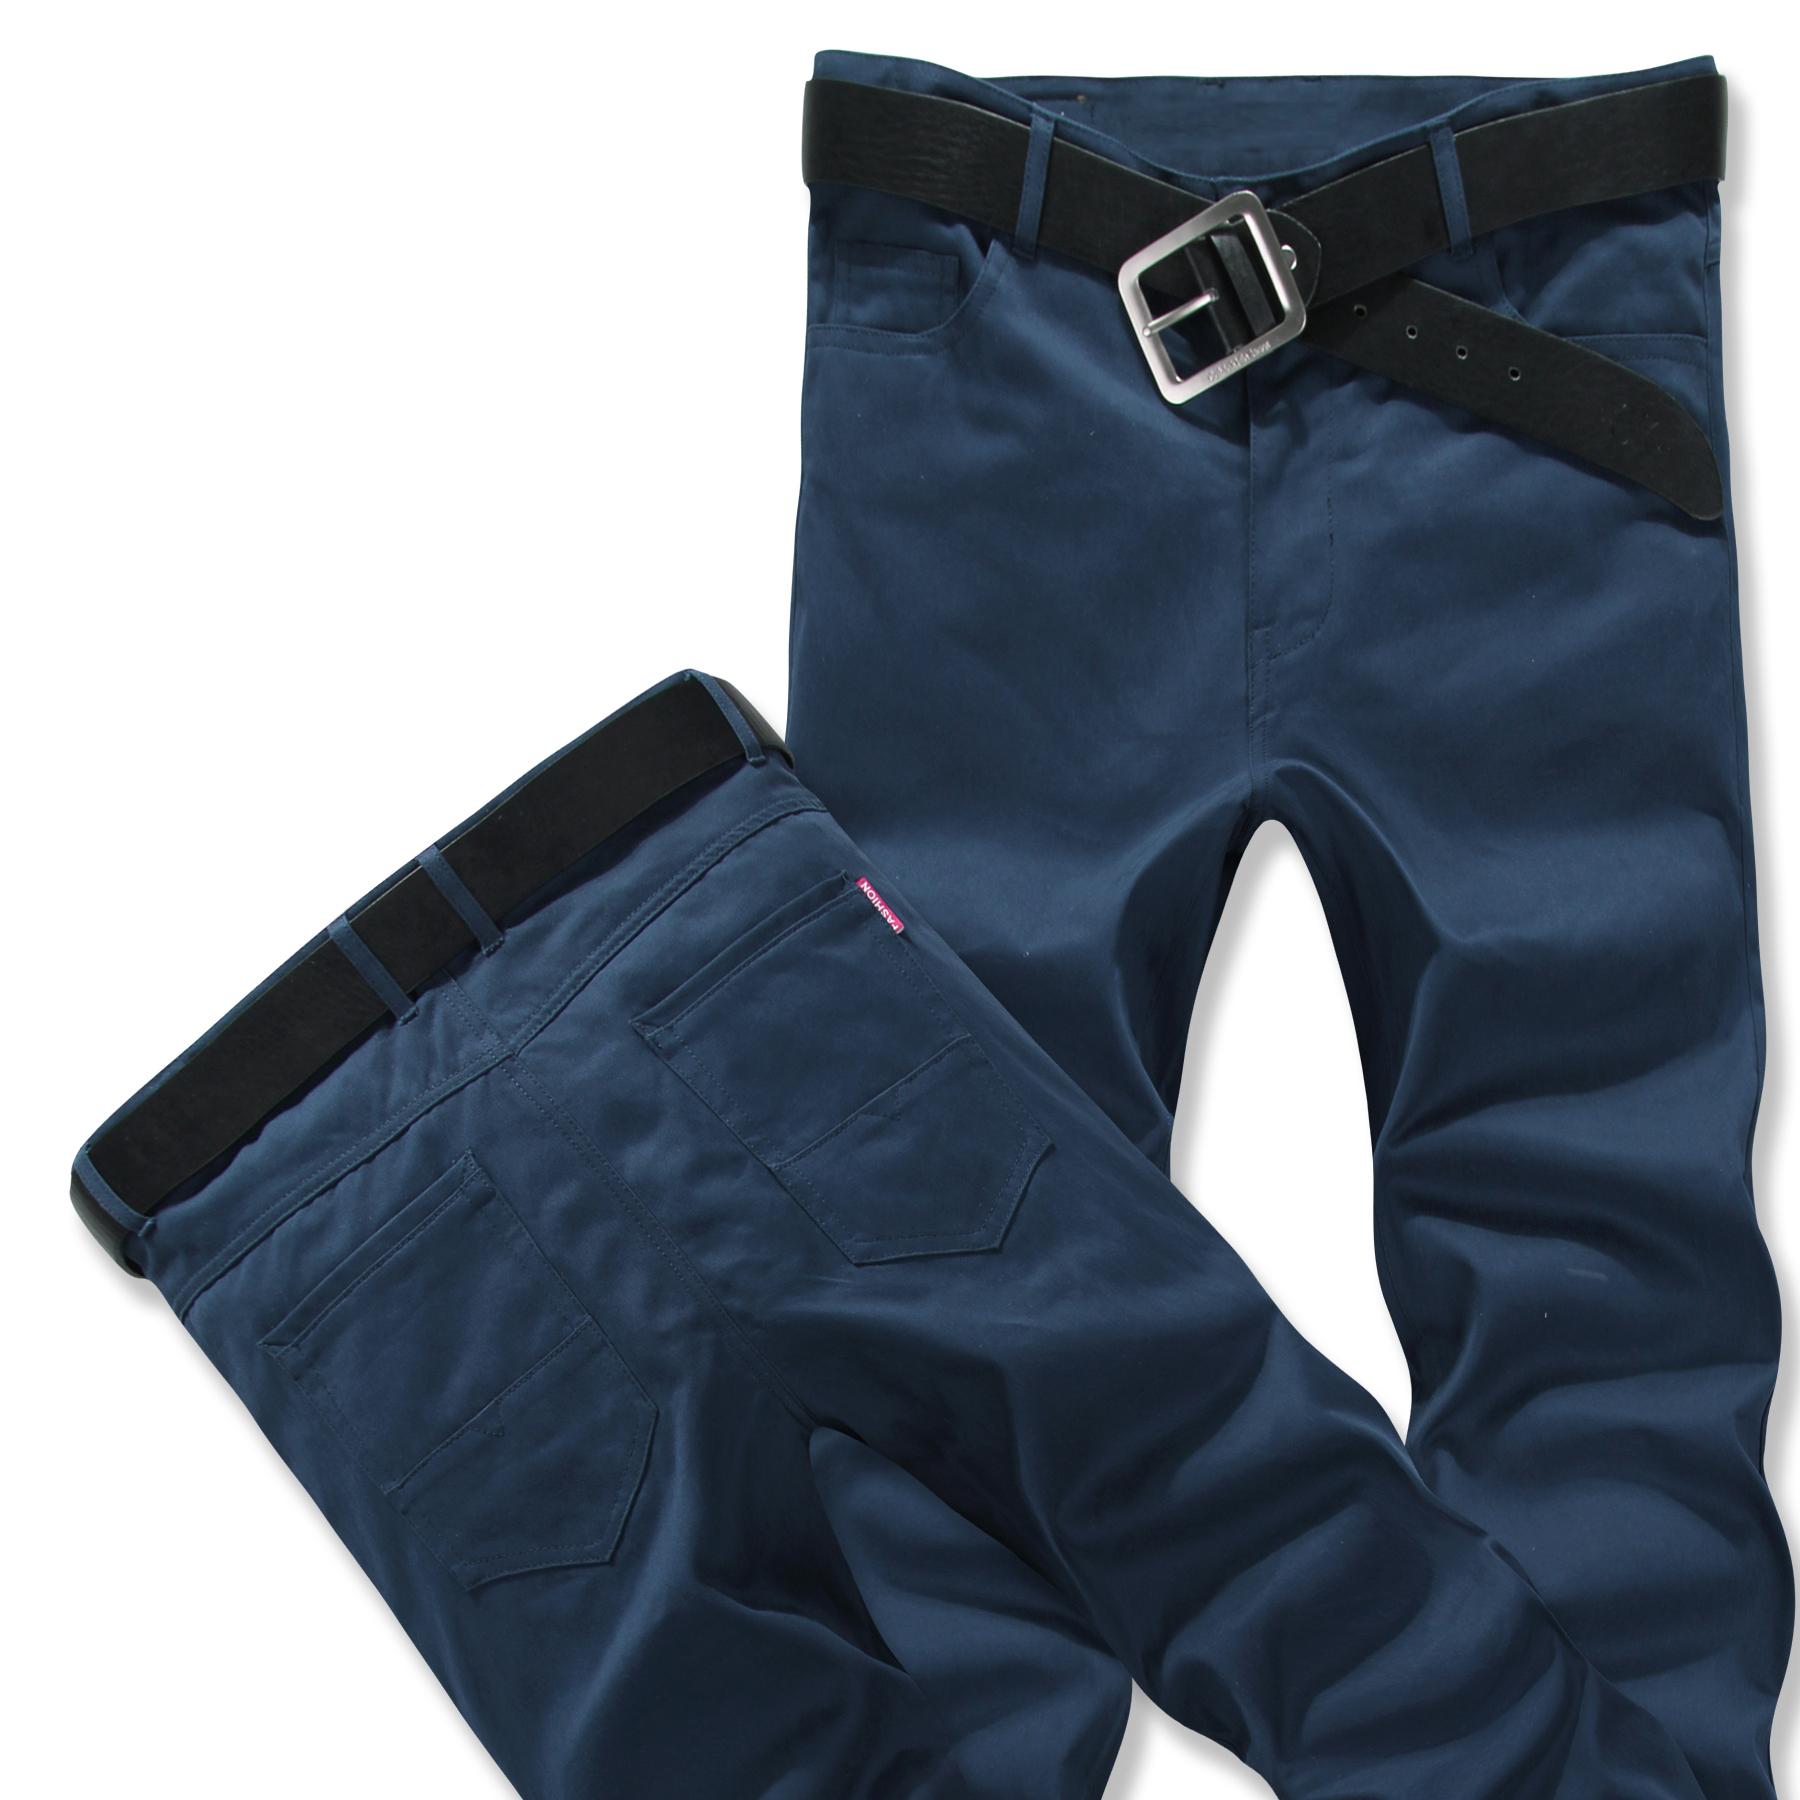 韩版男士休闲裤纯色青年工装裤长裤大码纯棉裤子c03mMQdpqt